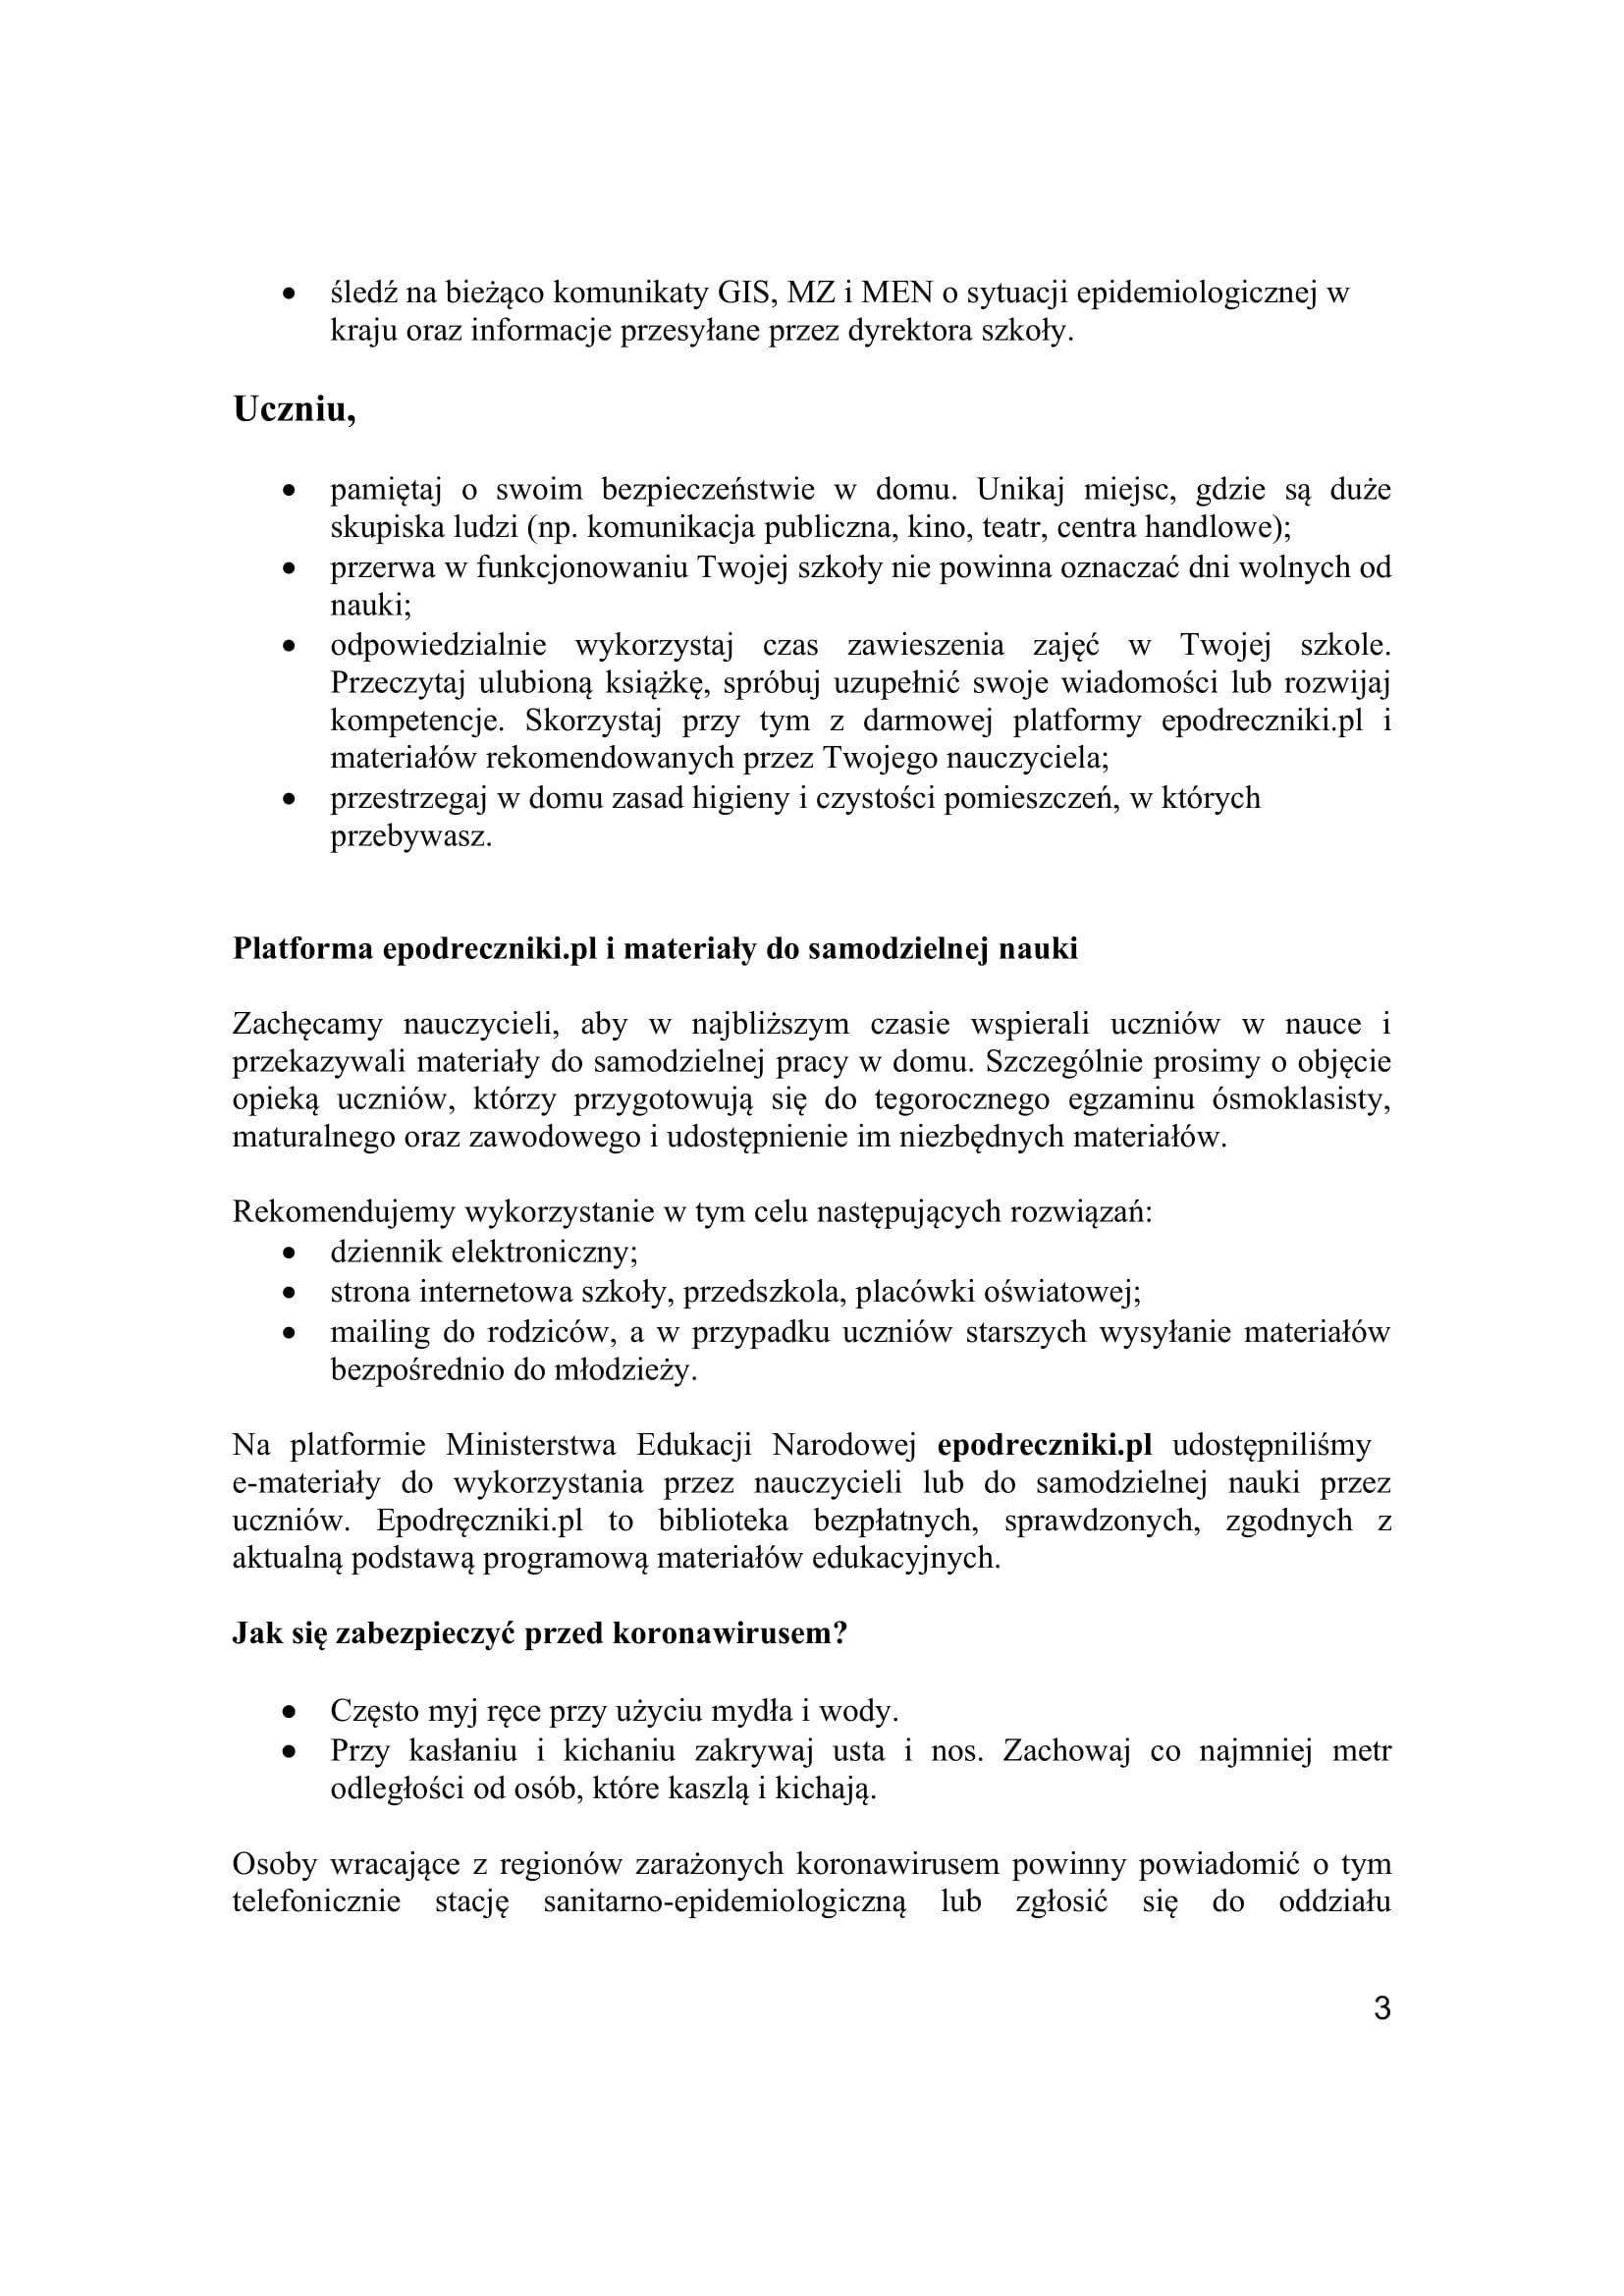 https://m.powiatszczycienski.pl/2020/03/orig/2020-03-11-zawieszenie-zajec-w-przedszkolach-szkolach-i-placowkach-men-3-28485.jpg